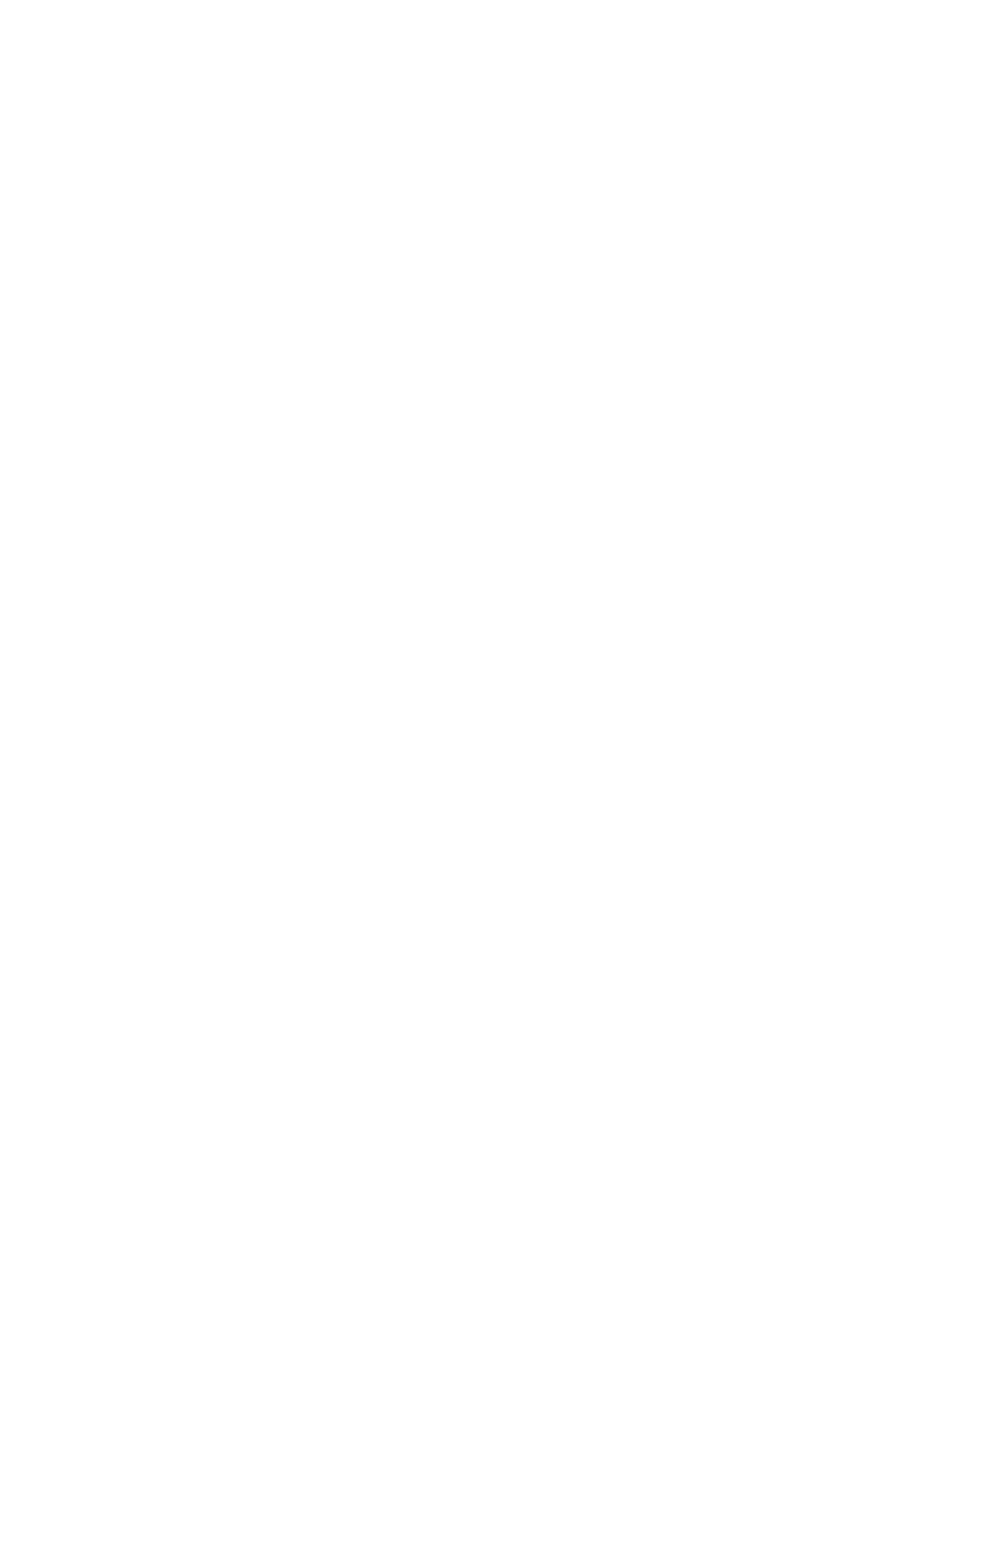 União Desportiva Vilafranquense, Futebol SAD